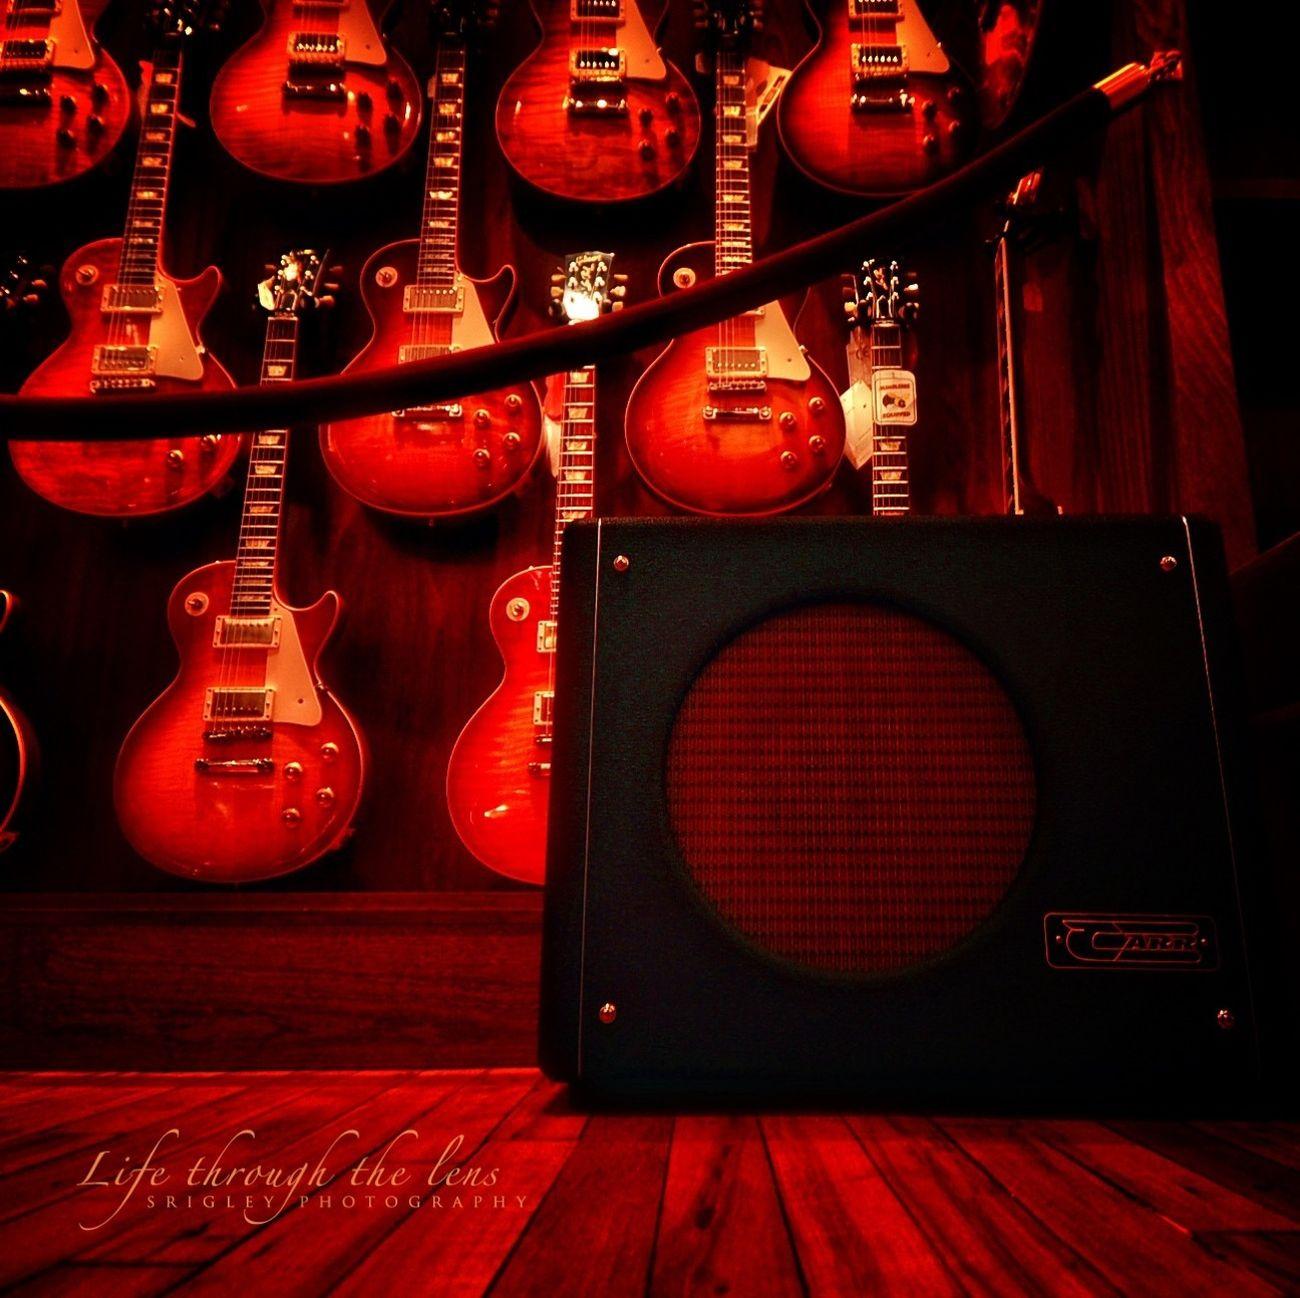 Rudy's Music ~ Soho Soho Music Guitars NYC